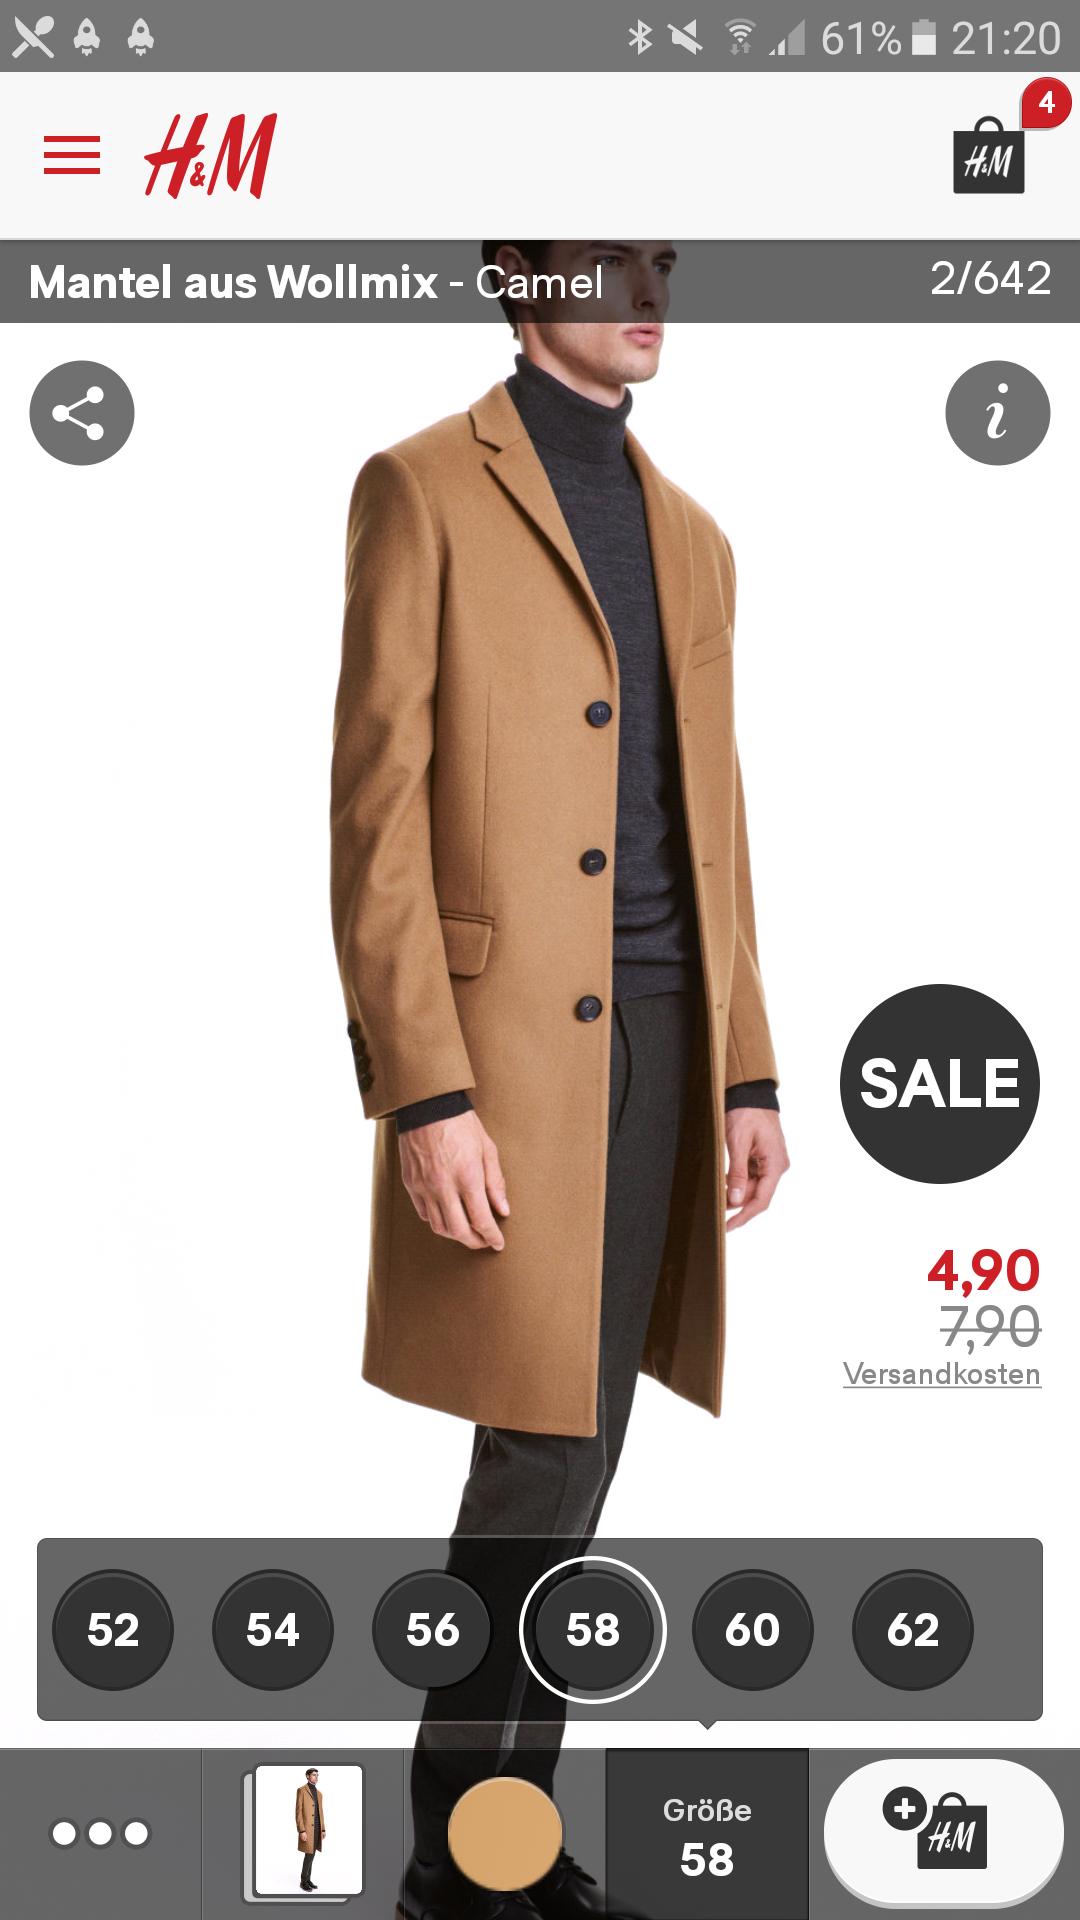 H&M Mantel für Herren ab Größe 58